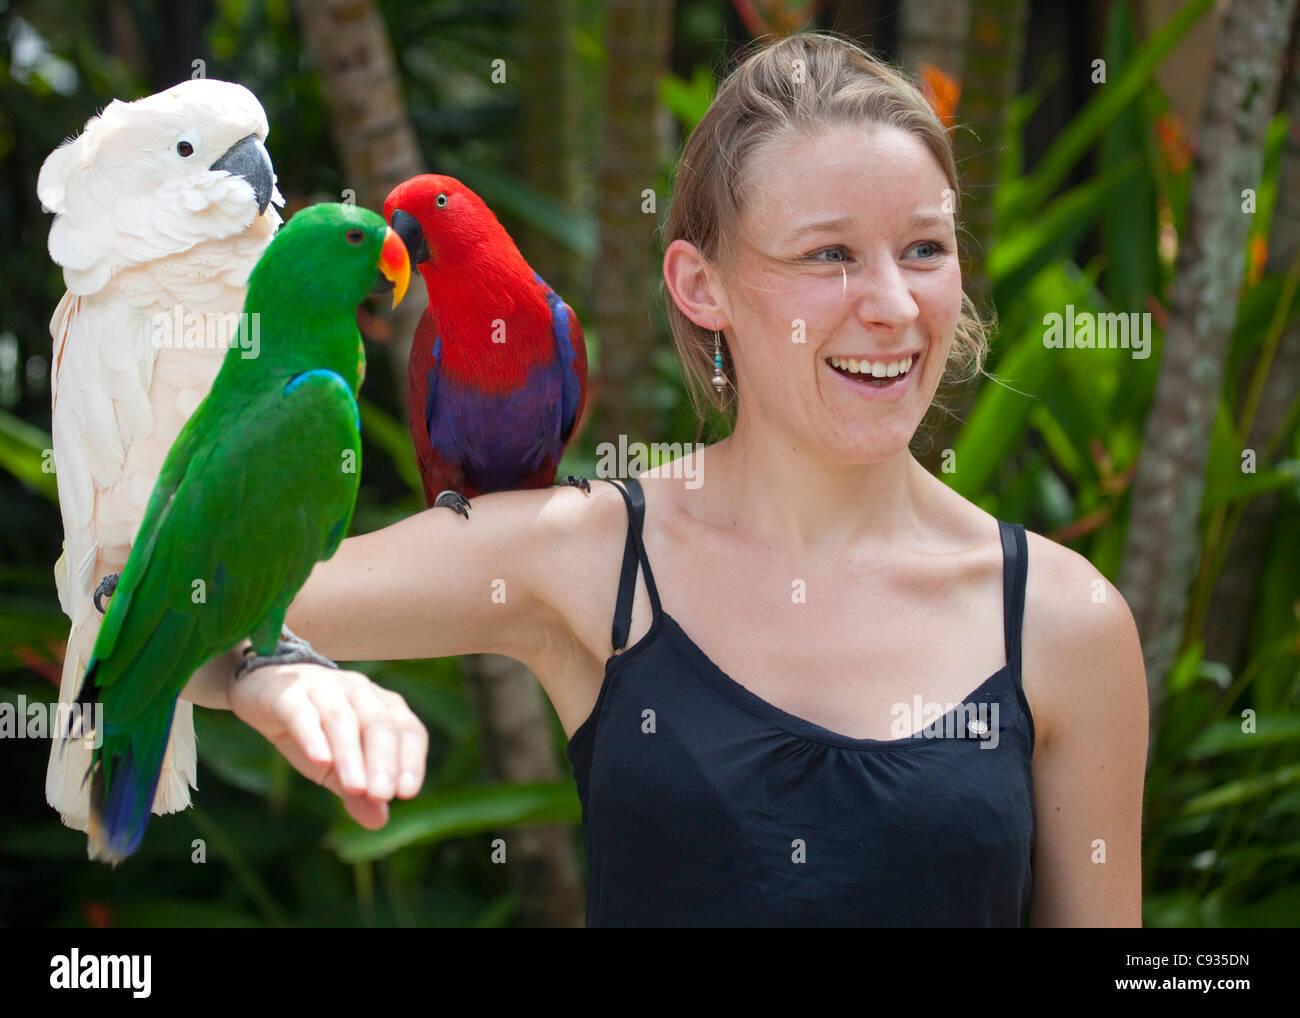 Bali, Ubud. A tourist poses with an assortment of birds at Bali Bird Park. MR - Stock Image